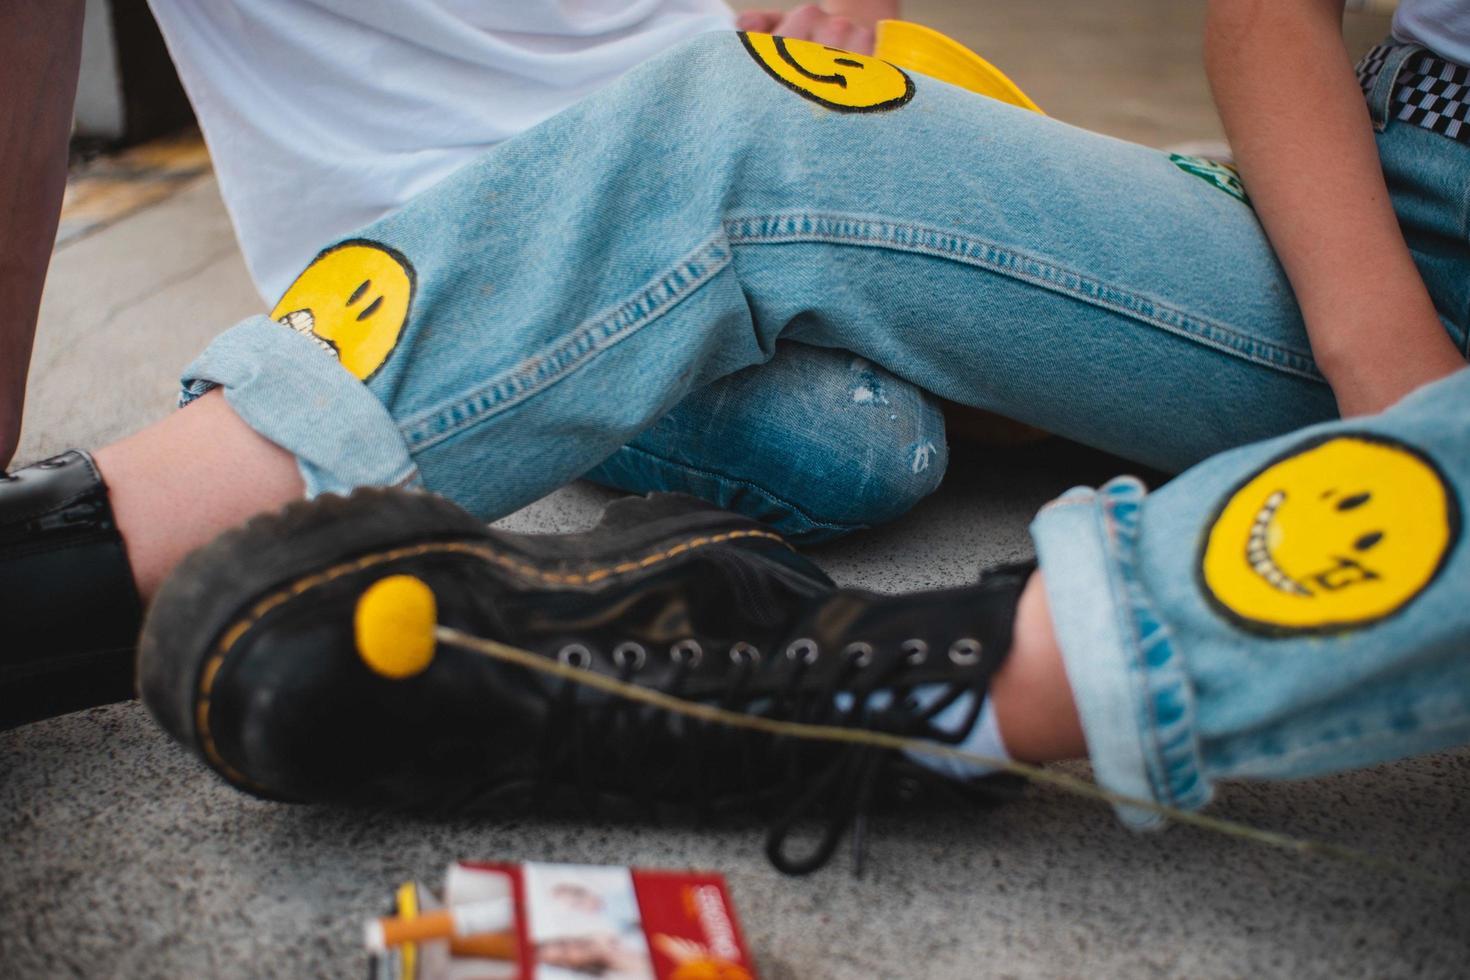 augusta, germania, 2020 - primo piano di una persona in jeans con faccine sorridenti foto